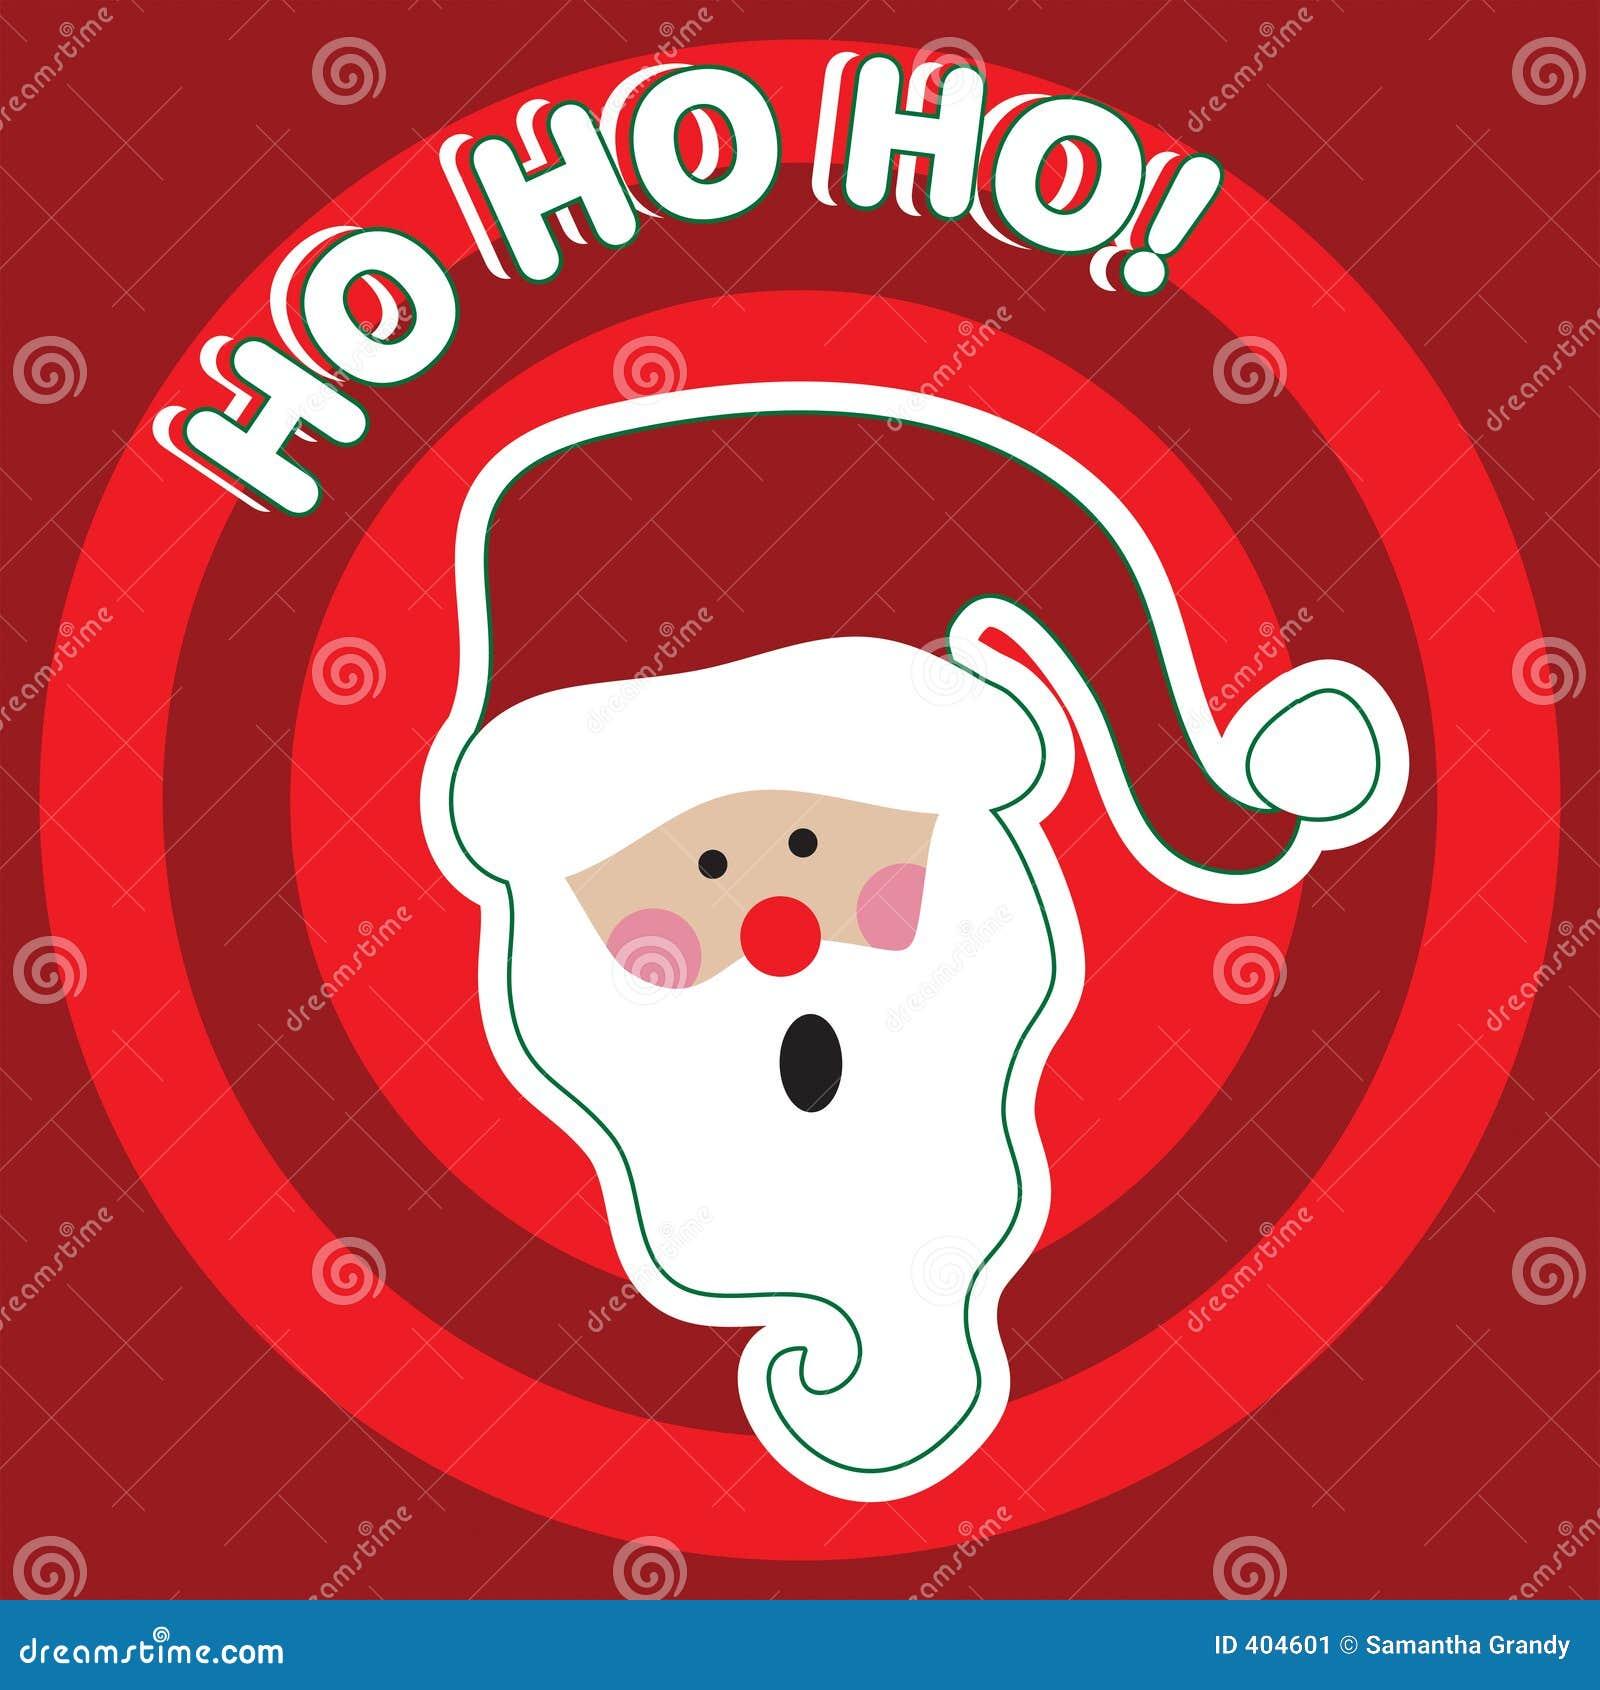 Babbo Natale Ho Ho Ho.Ho Ho Ho Il Babbo Natale Illustrazione Vettoriale Illustrazione